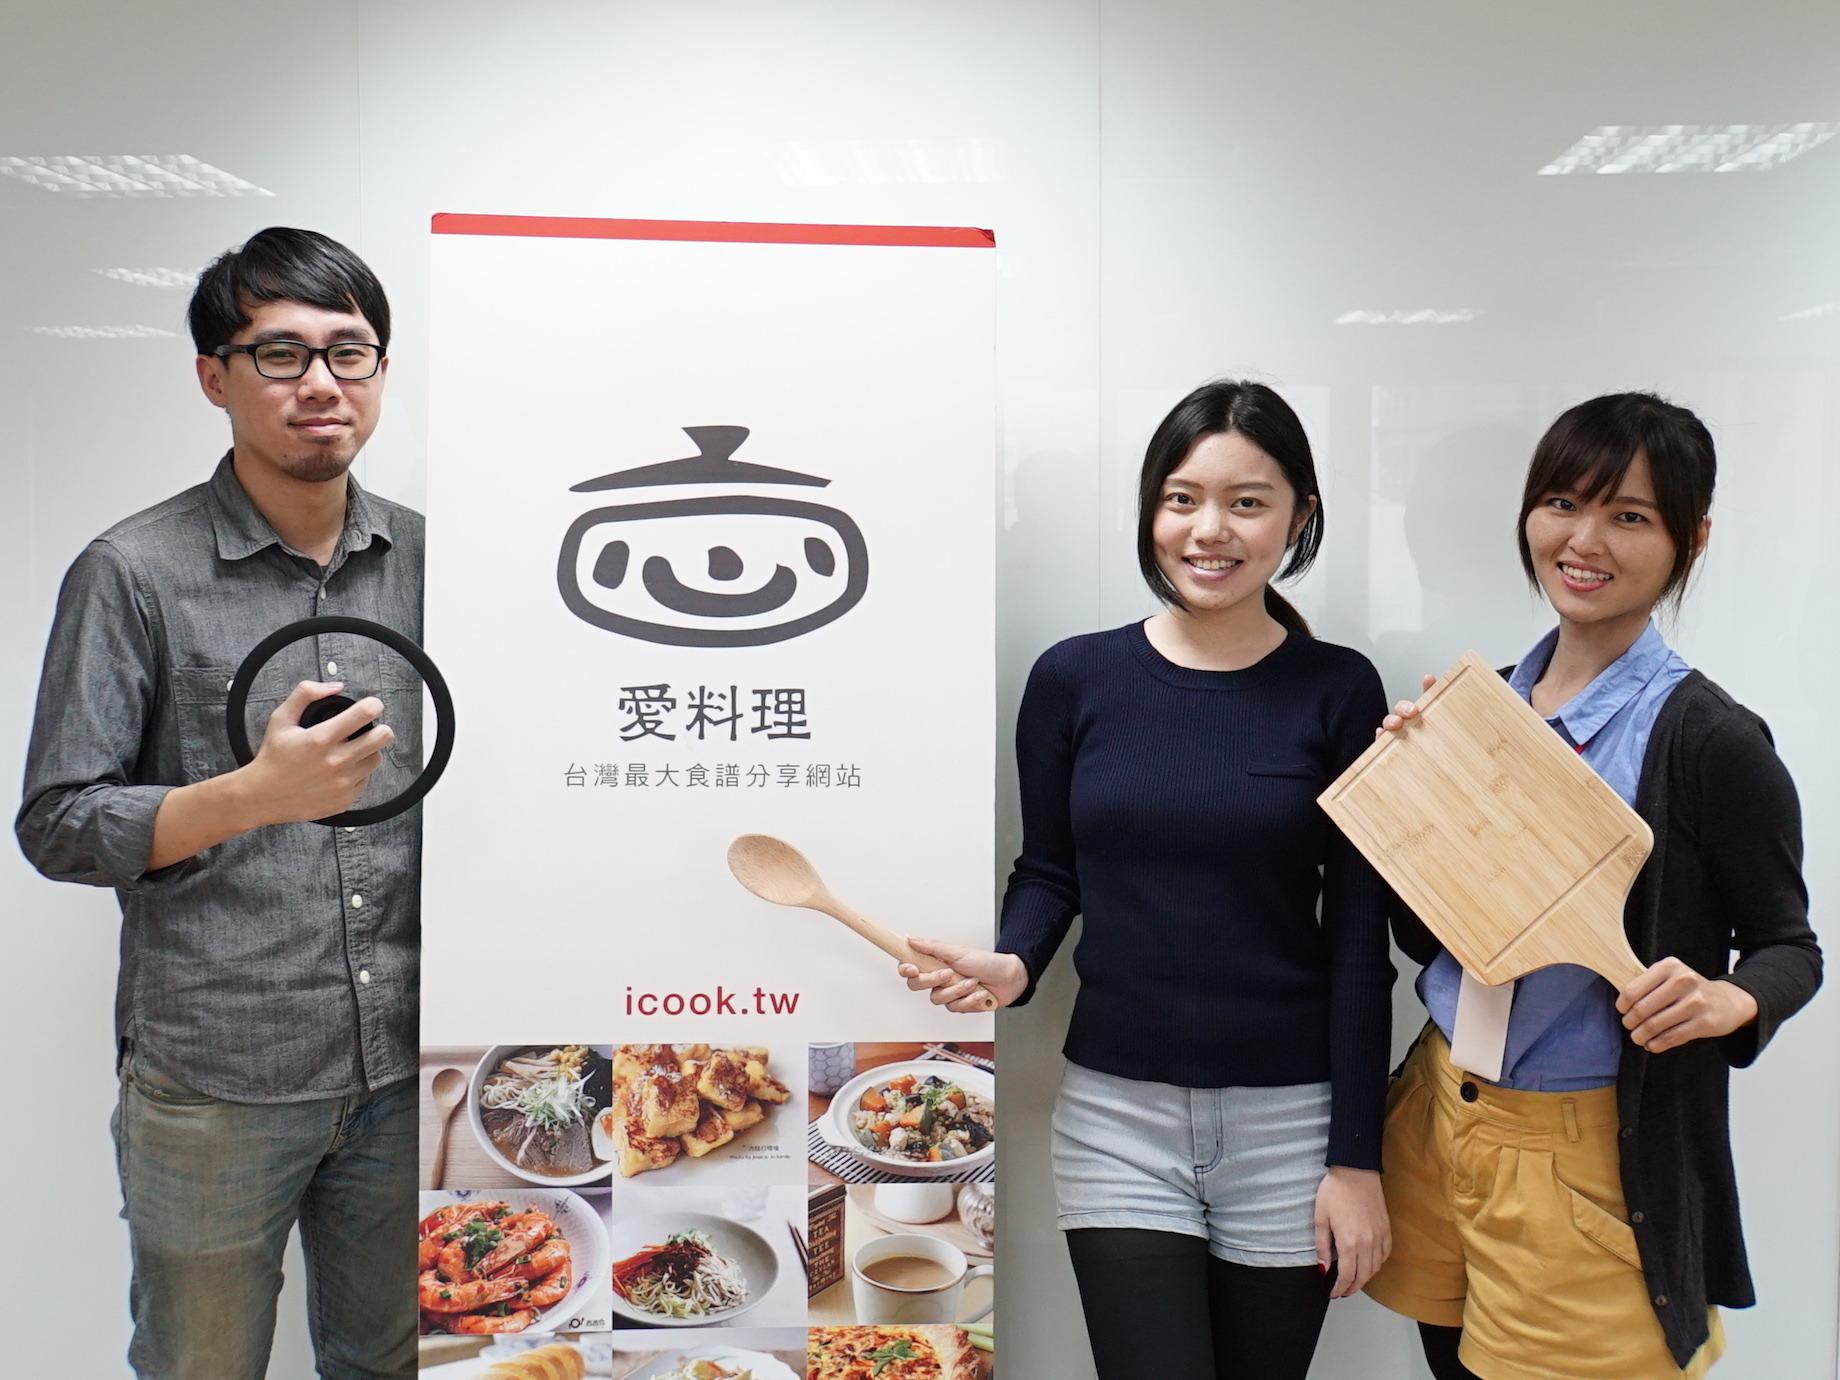 SmartM電子商務學院》iCook愛料理影音食譜,5大心法創造百萬觀看次數